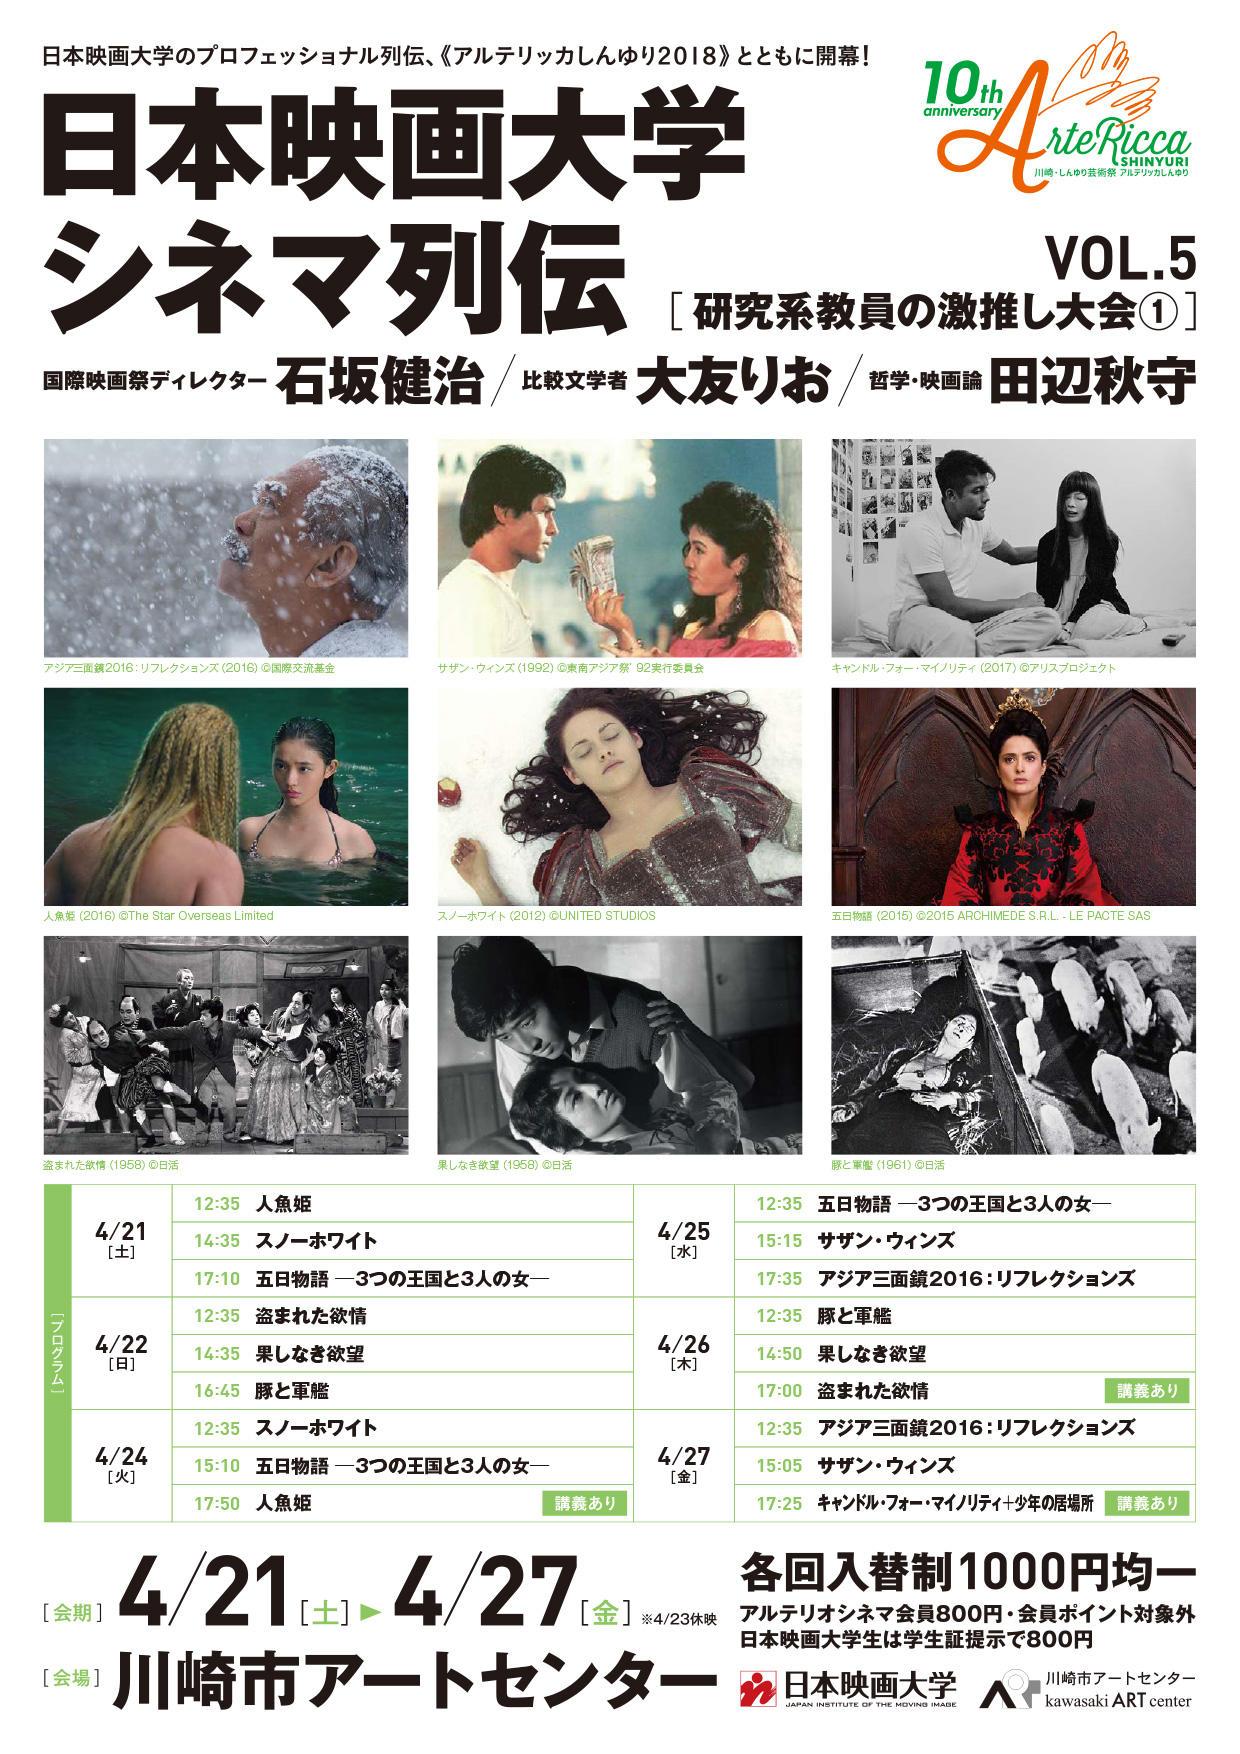 4月21~27日に「川崎・しんゆり芸術祭 アルテリッカしんゆり2018」で「日本映画大学シネマ列伝 vol.5」を開催 -- 「すべての道は映画に通ず。」を合言葉に研究系教員の激推し映画を上映